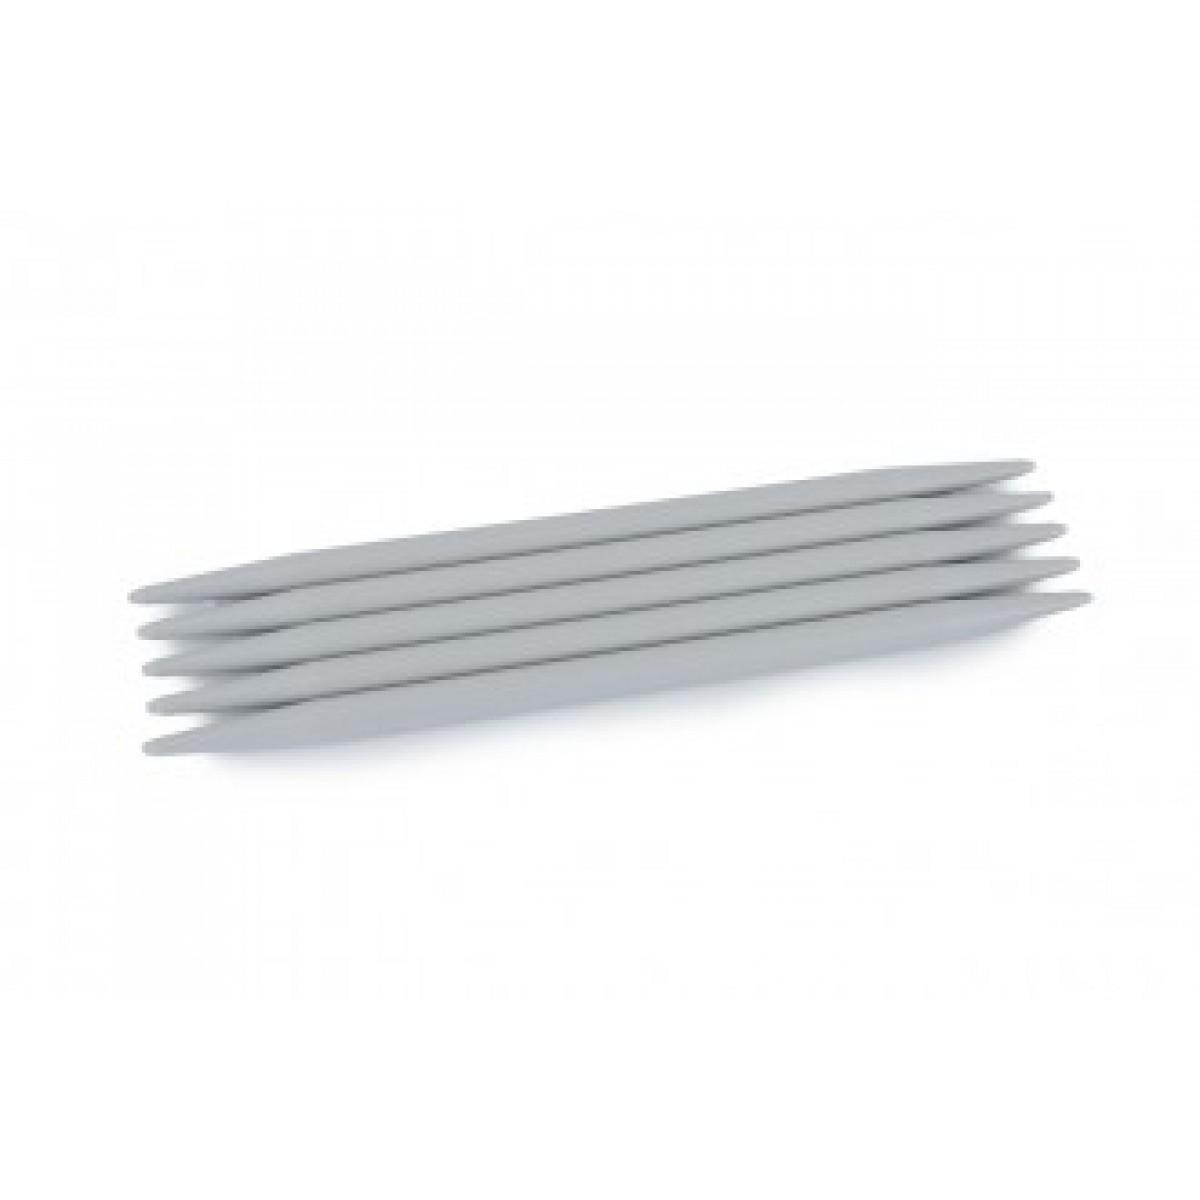 plastik strømpepinde